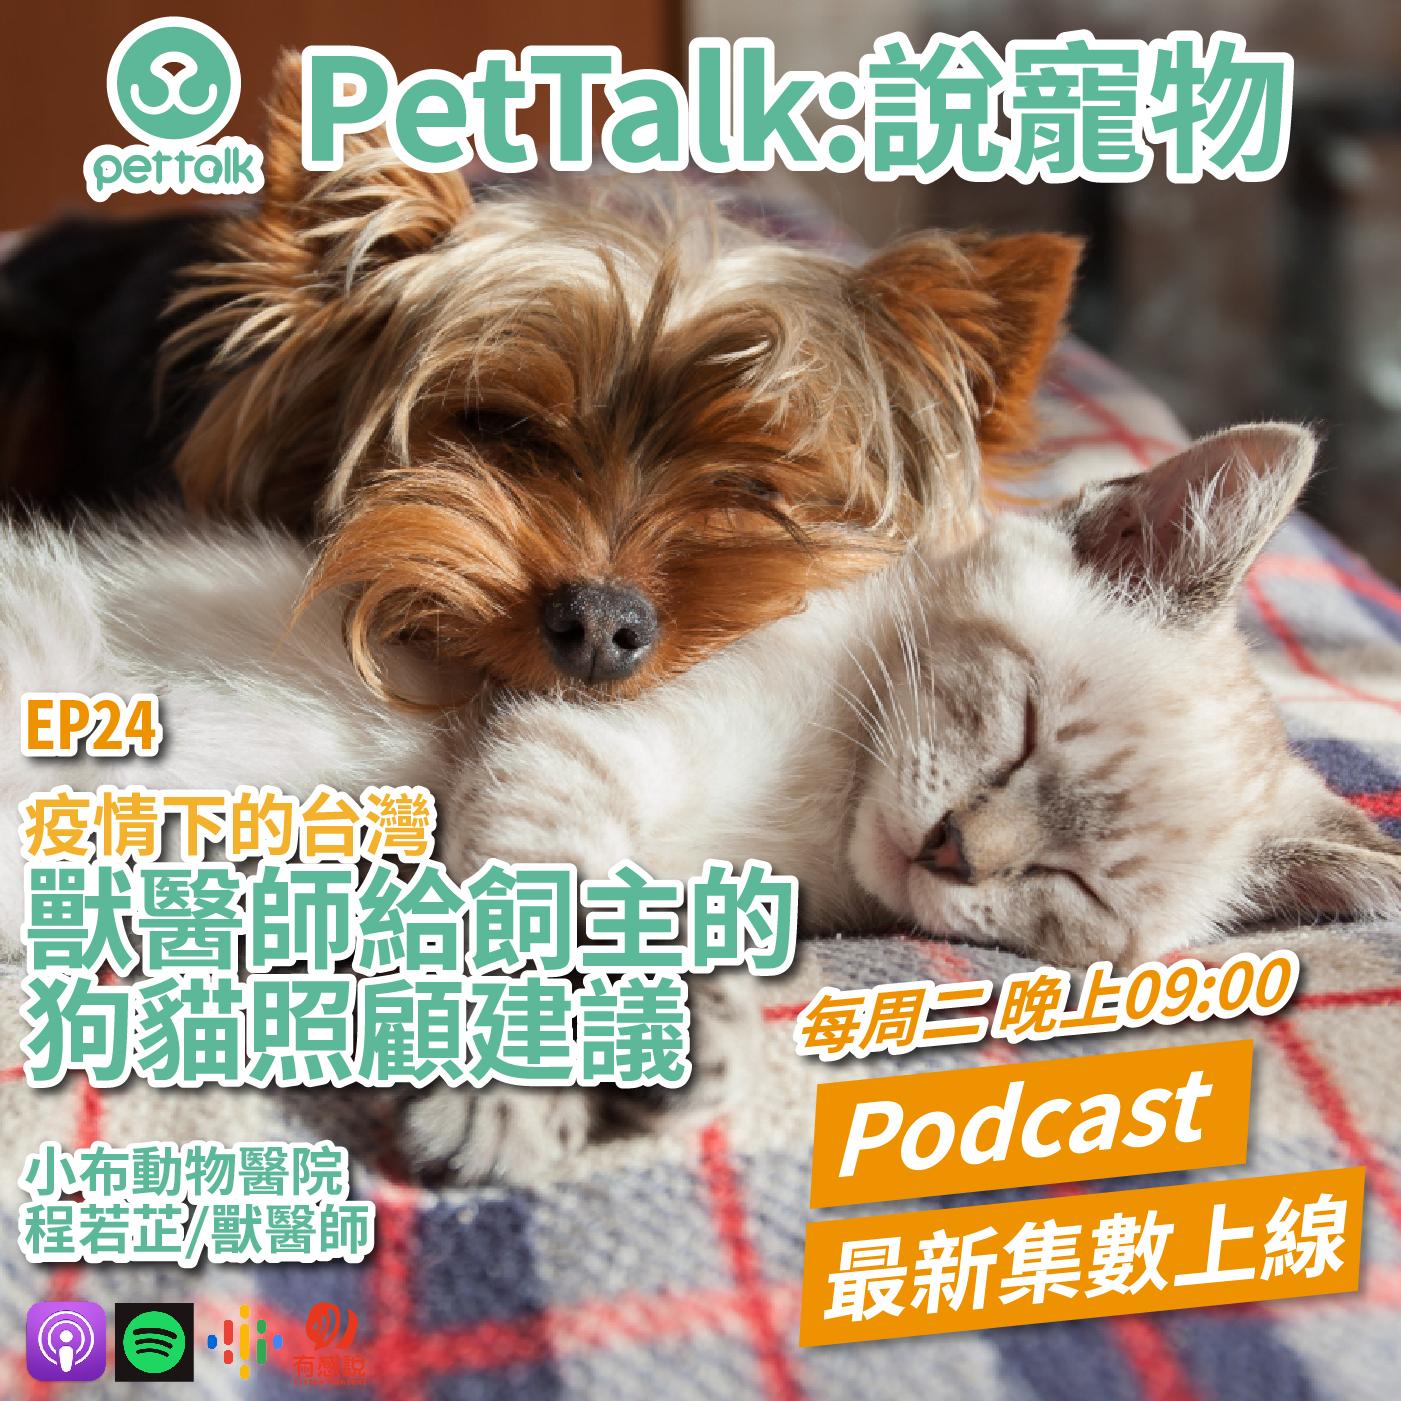 EP24 疫情下的台灣,獸醫師給飼主的狗貓照顧建議 feat. 程若芷 獸醫師